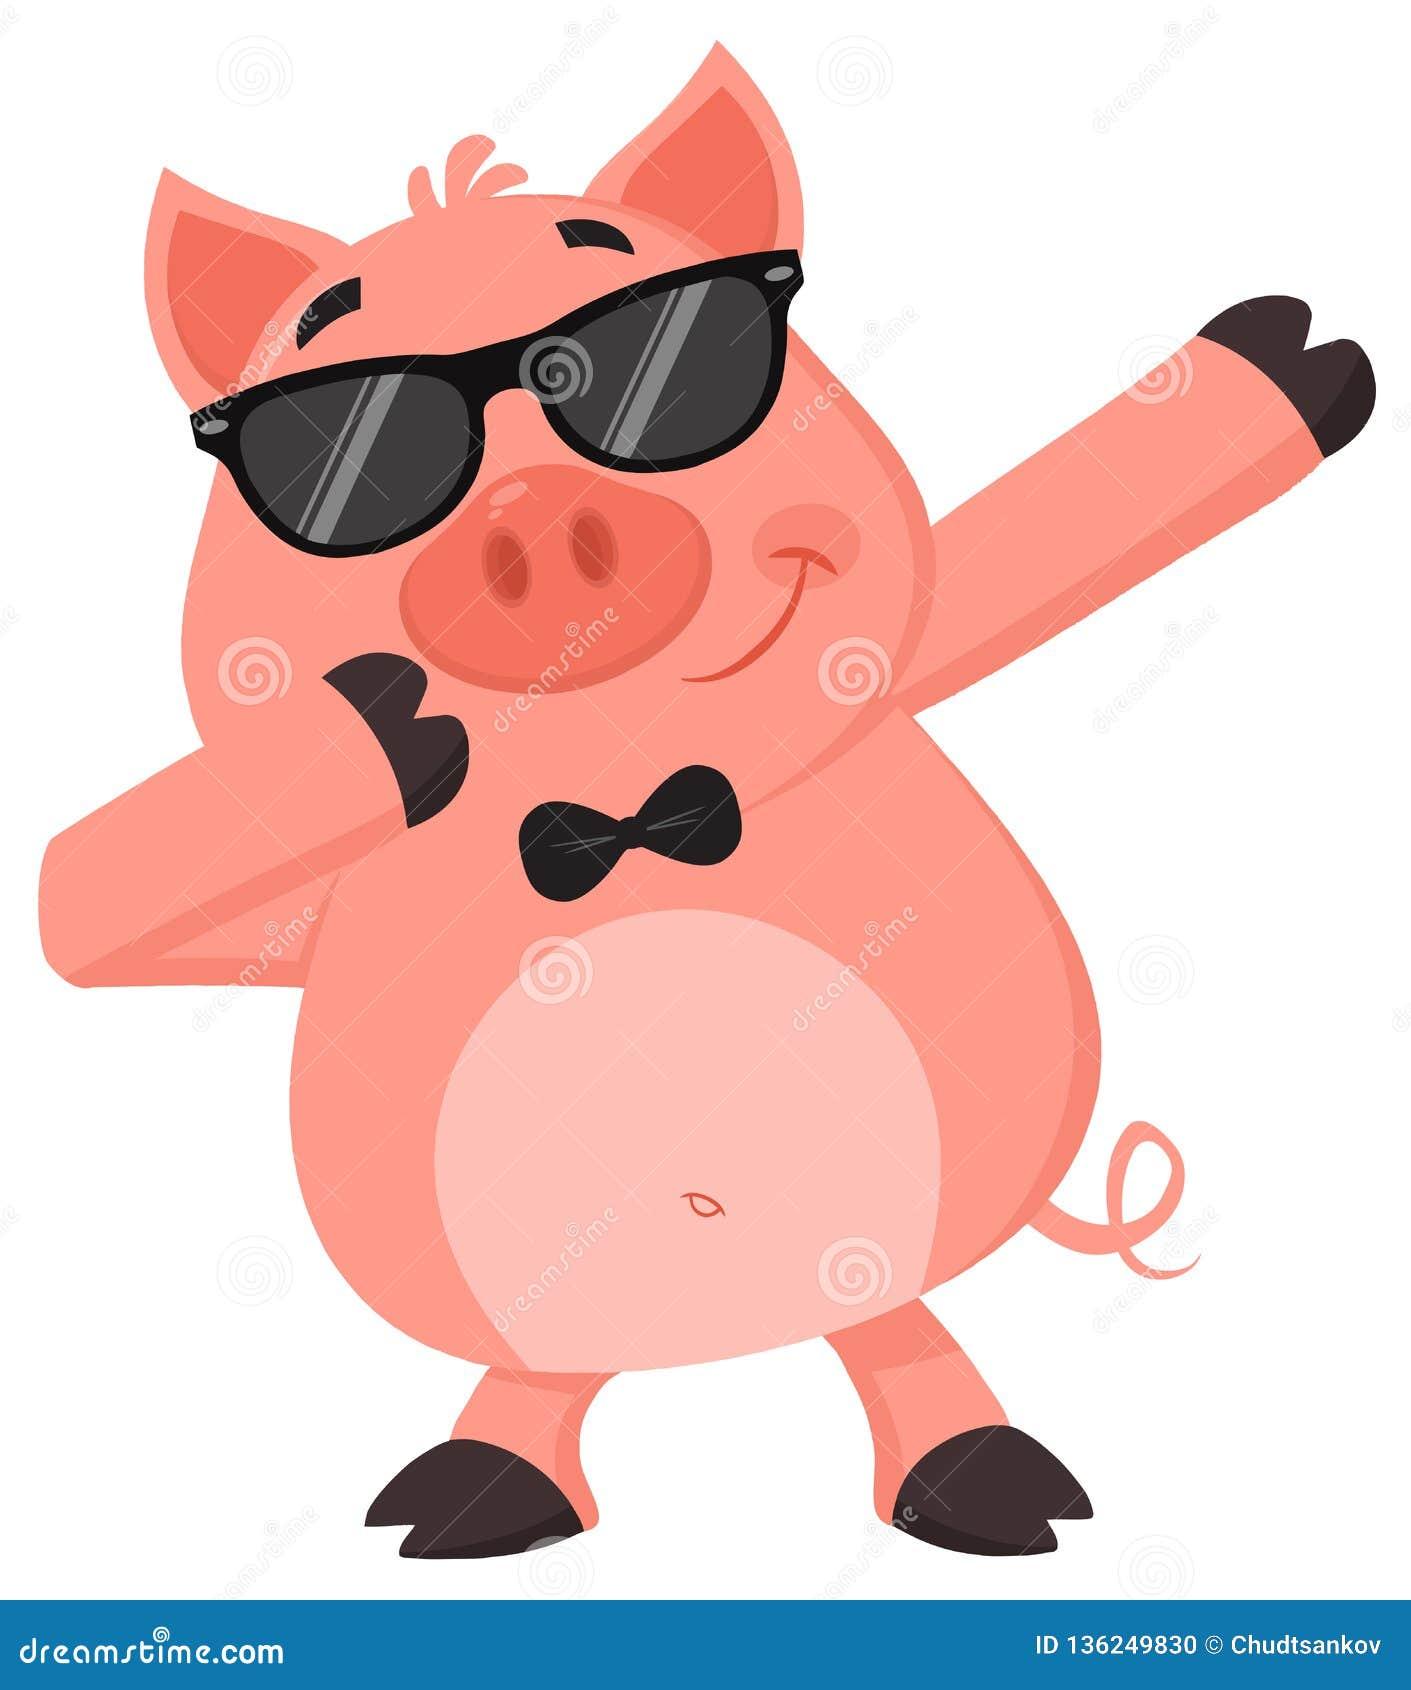 Le Personnage De Dessin Anime Drole De Porc Avec Des Lunettes De Soleil Tamponnent Tamponner Illustration Stock Illustration Du Tamponnent Drole 136249830